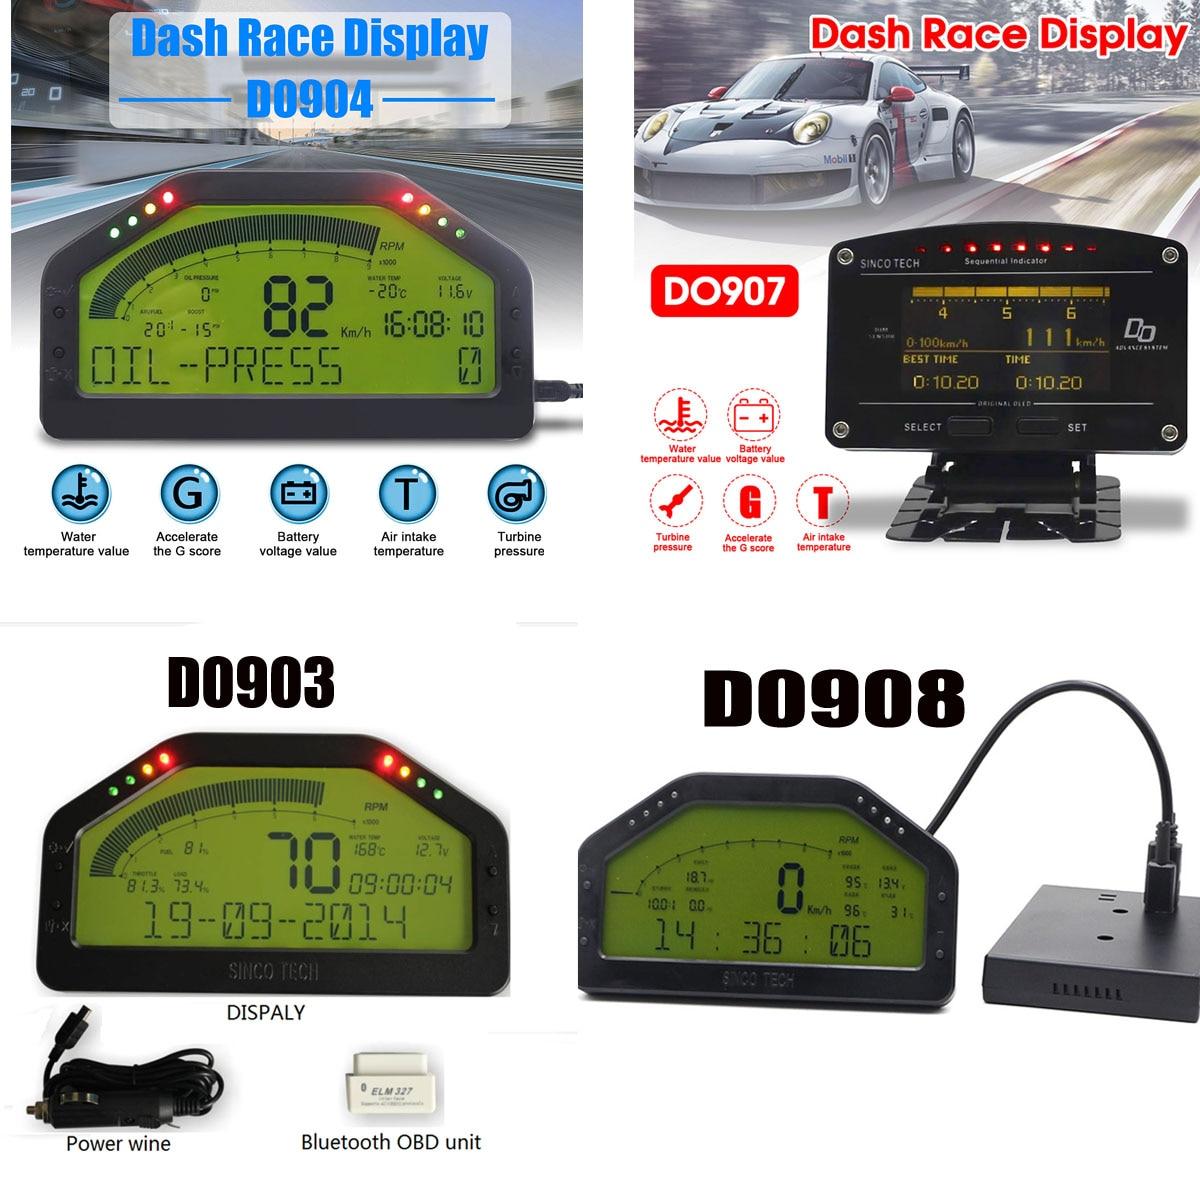 Étanche Dash Course Affichage Capteur Plein Kit LCD Écran OBD Bluetooh Connexion Universel Dash Conseil DO903 DO904 DO907 DO908